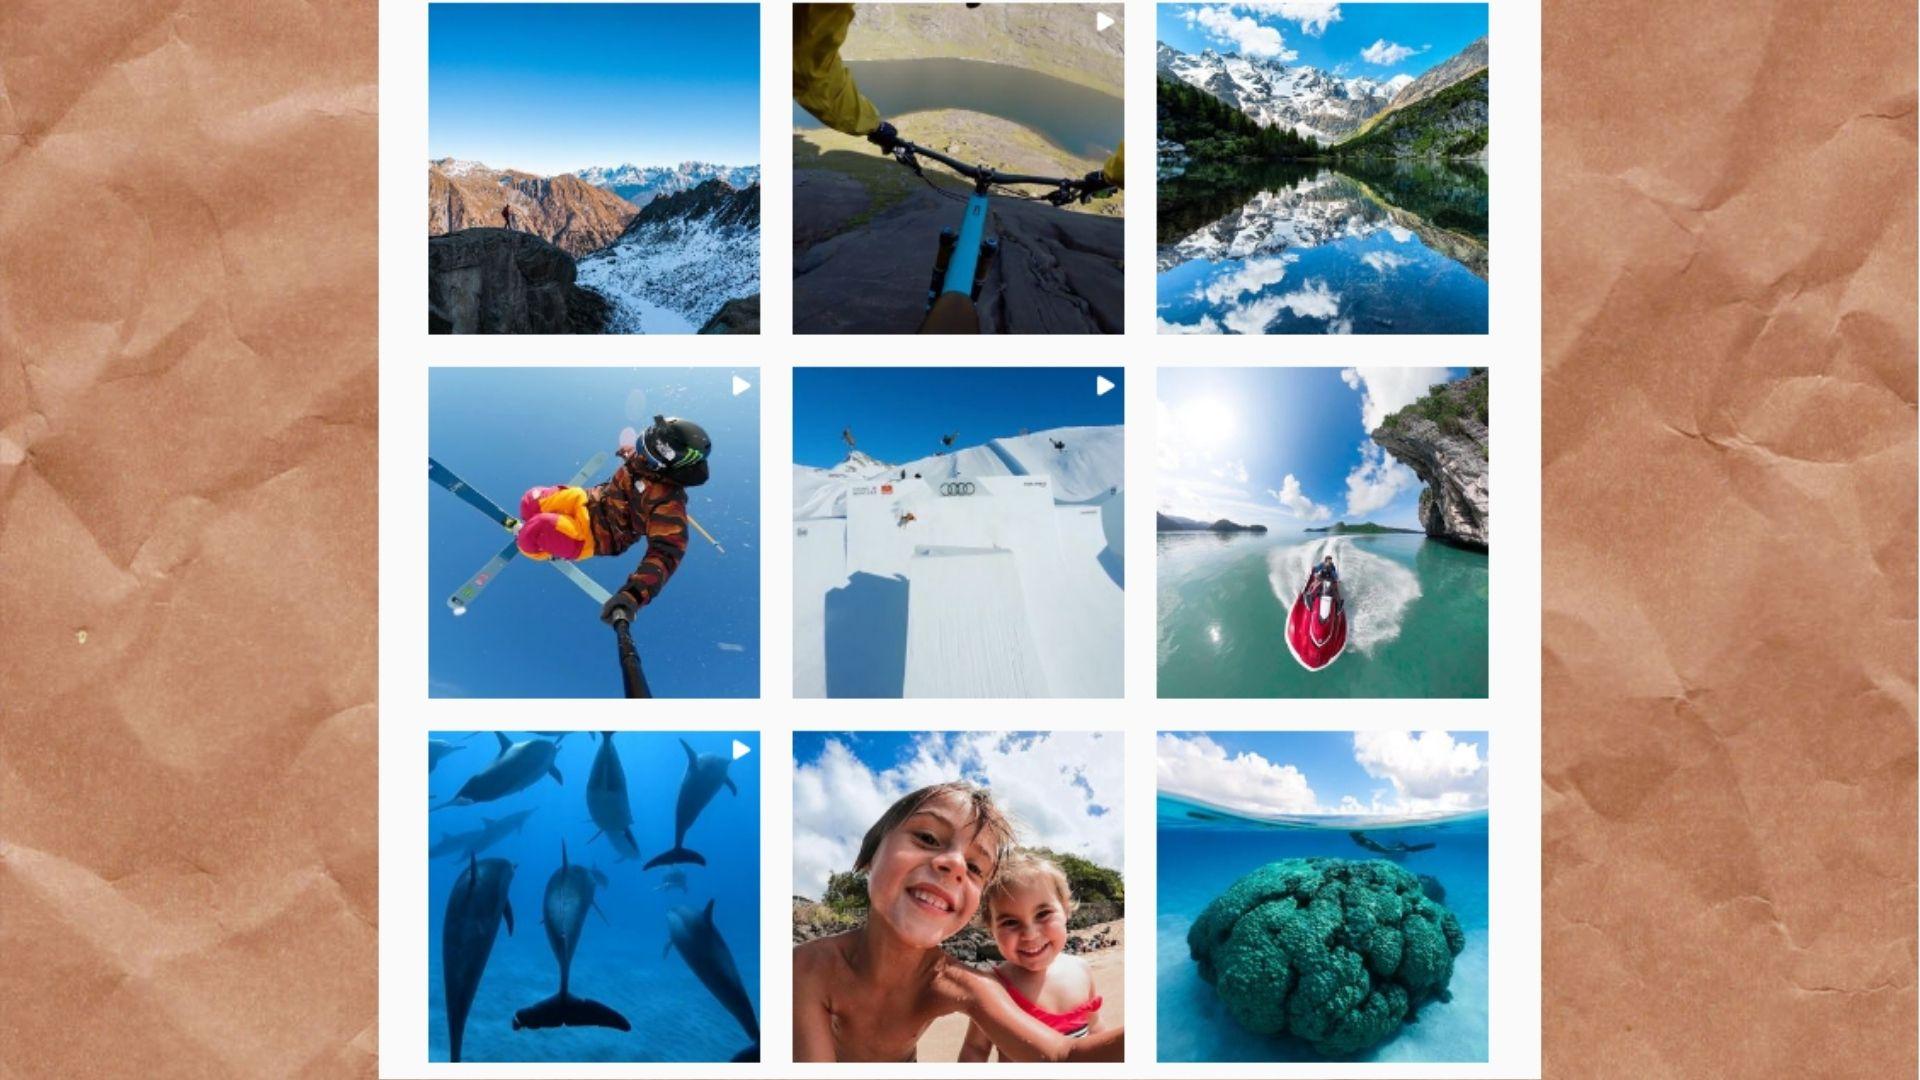 Подводный мир, горы, скалы – малая часть бесплатной рекламы GoPro, ведь ее творят сами покупатели